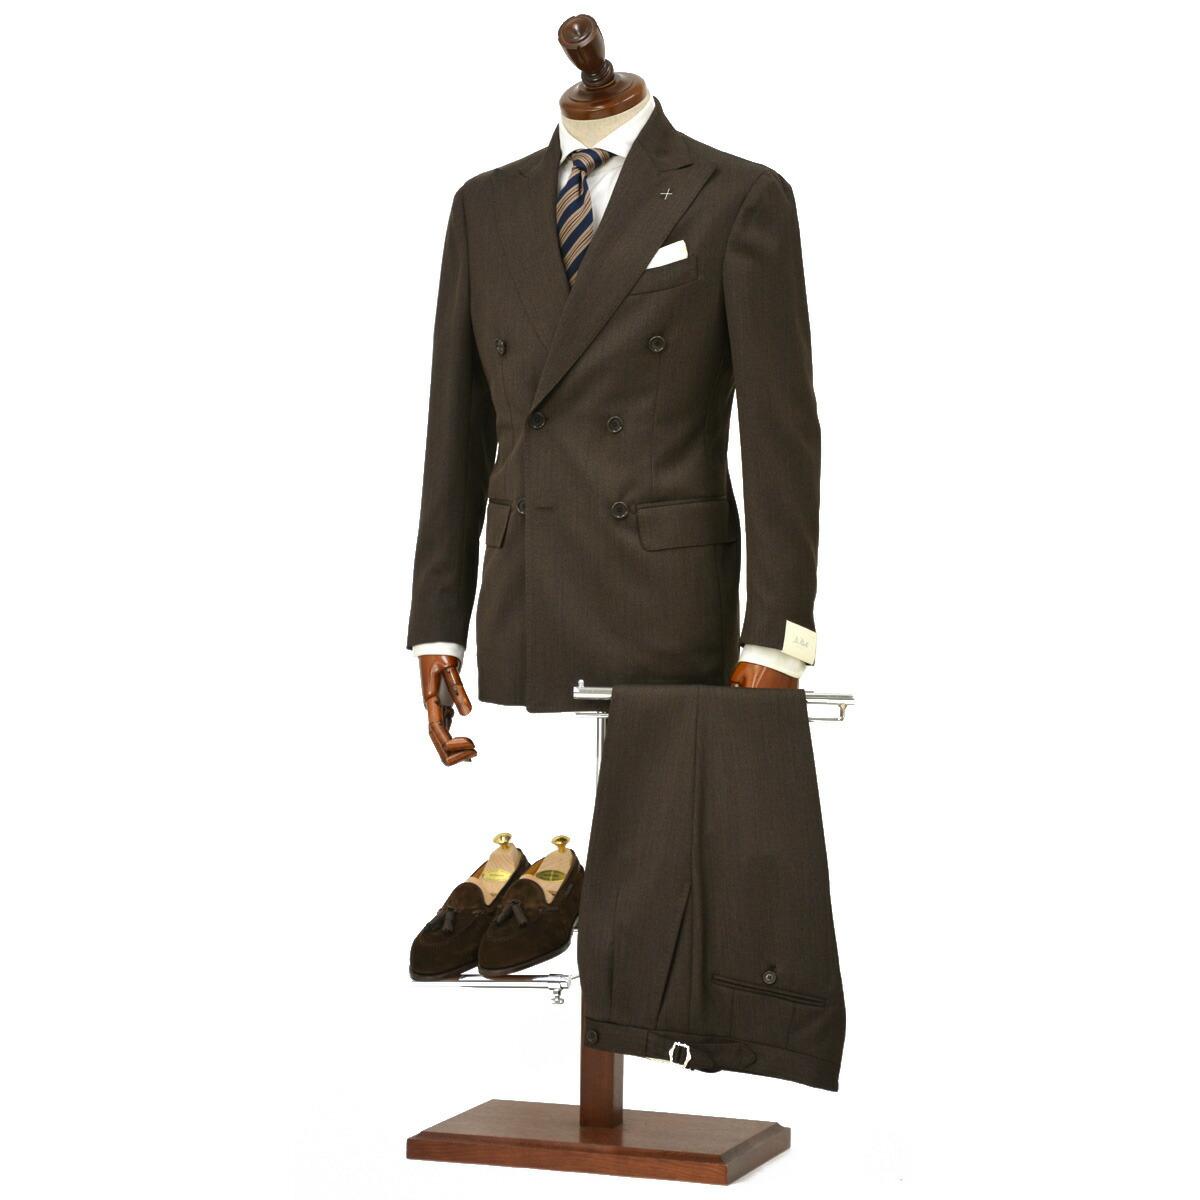 De Petrillo【デ ペトリロ】ダブルスーツ SORRENTO K/C /TW19026/86 ウール キャバルリーツイル ブラウン